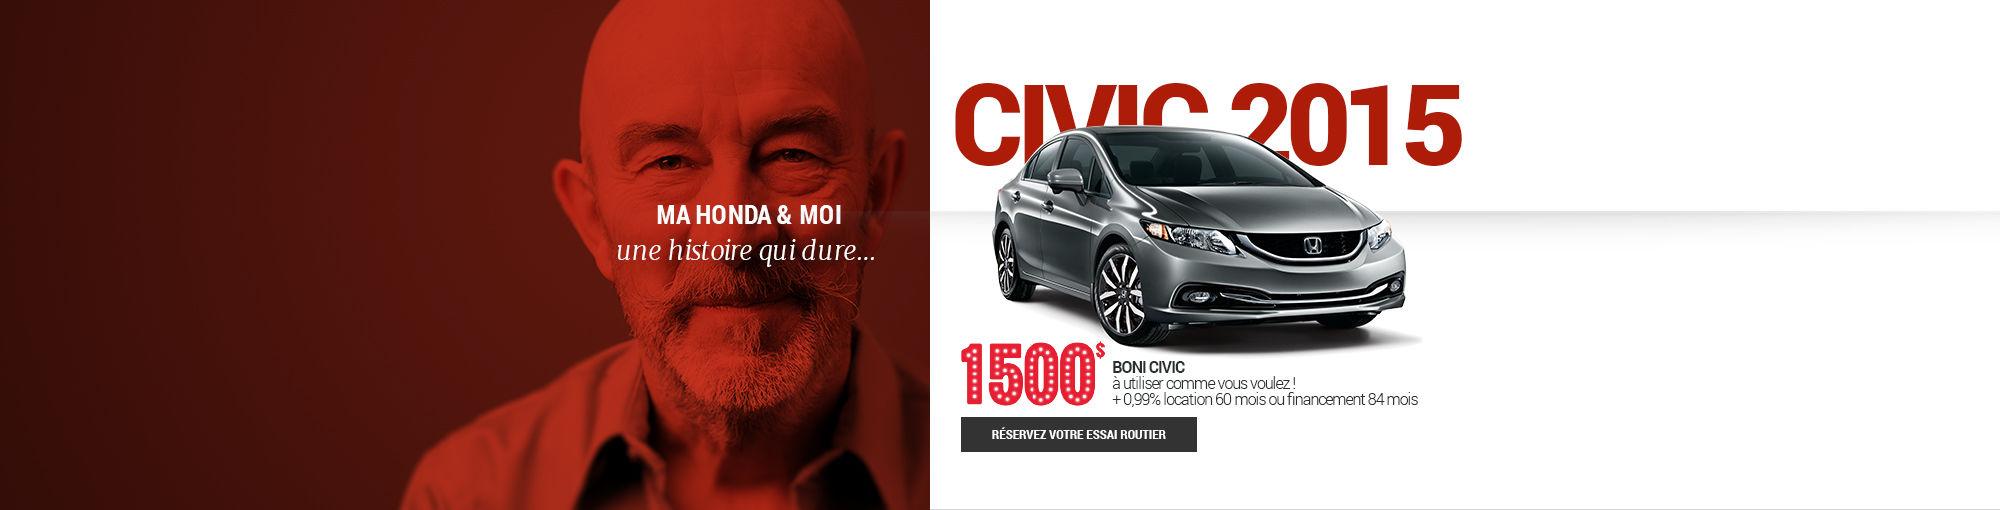 Civic 2015 - octobre 2015